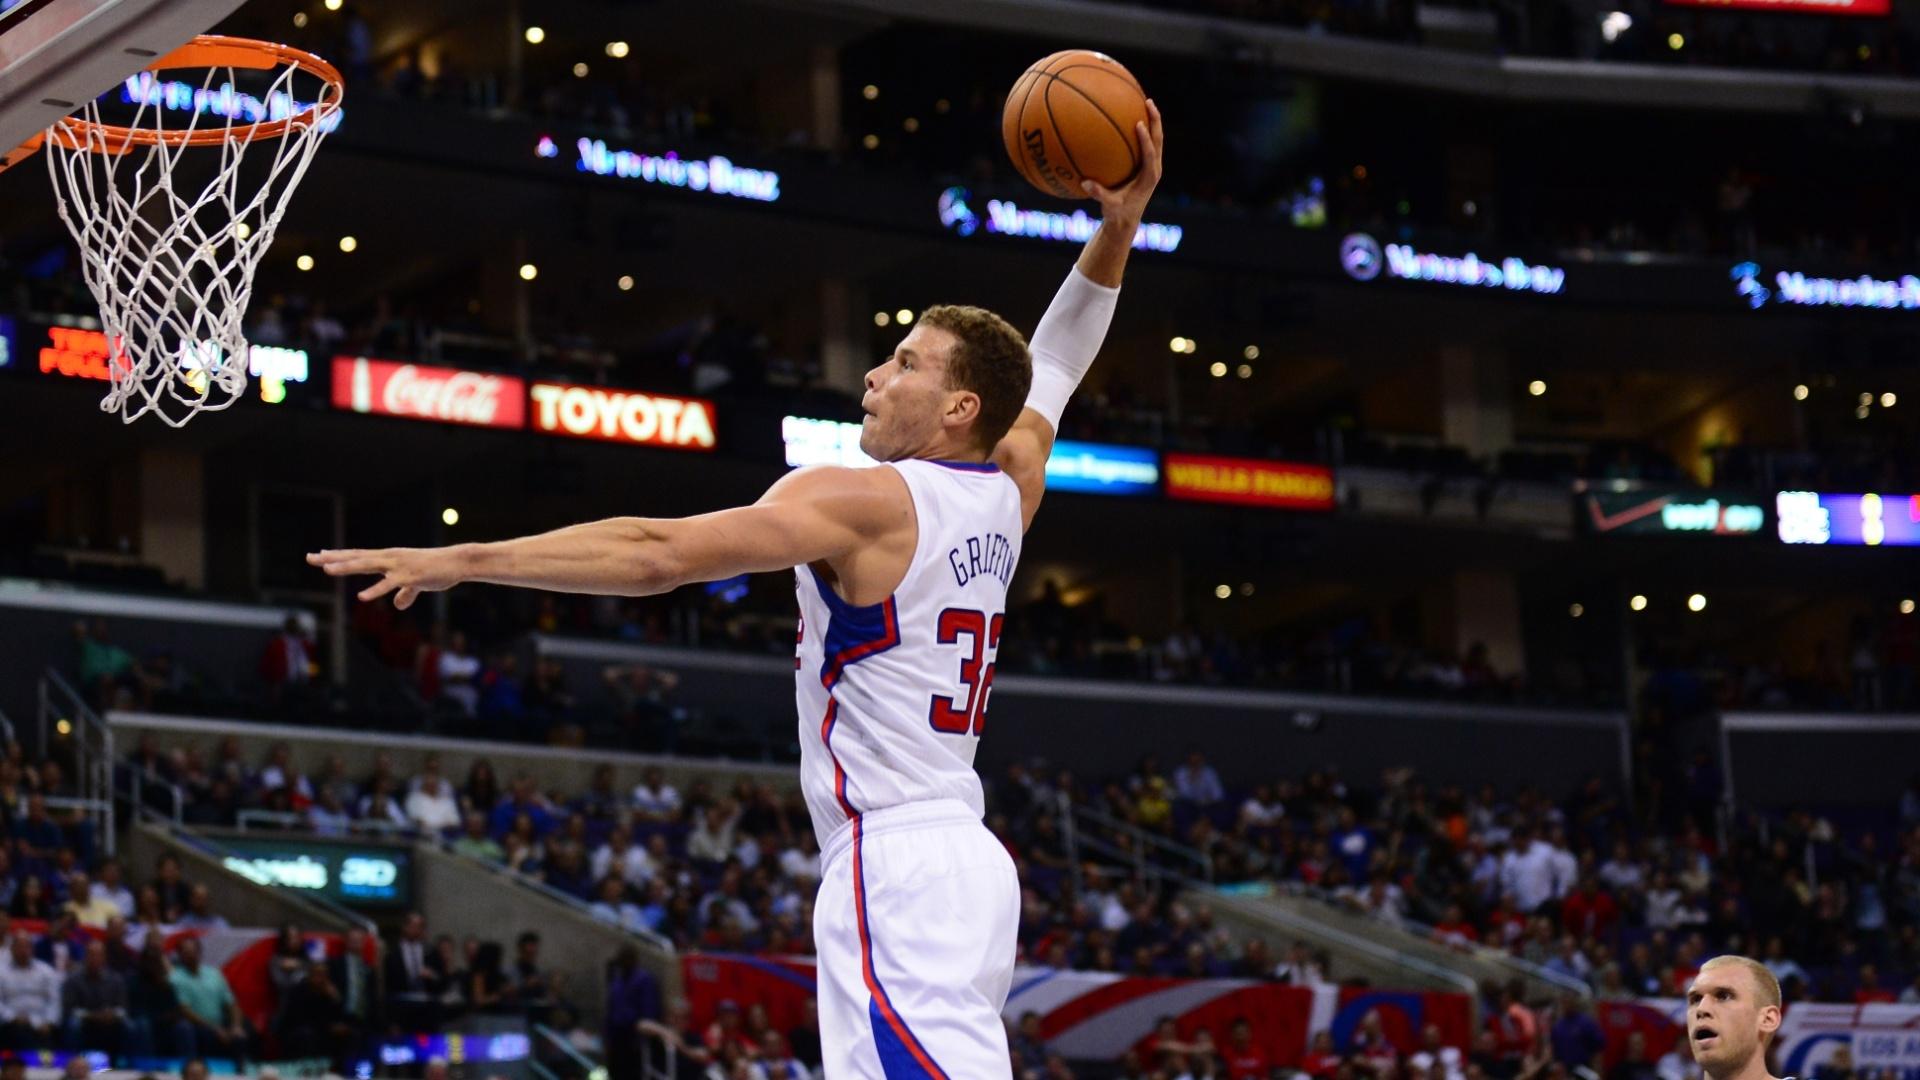 Blake Griffin voa para mais uma de suas sensacionais enterradas em vitória dos Clippers